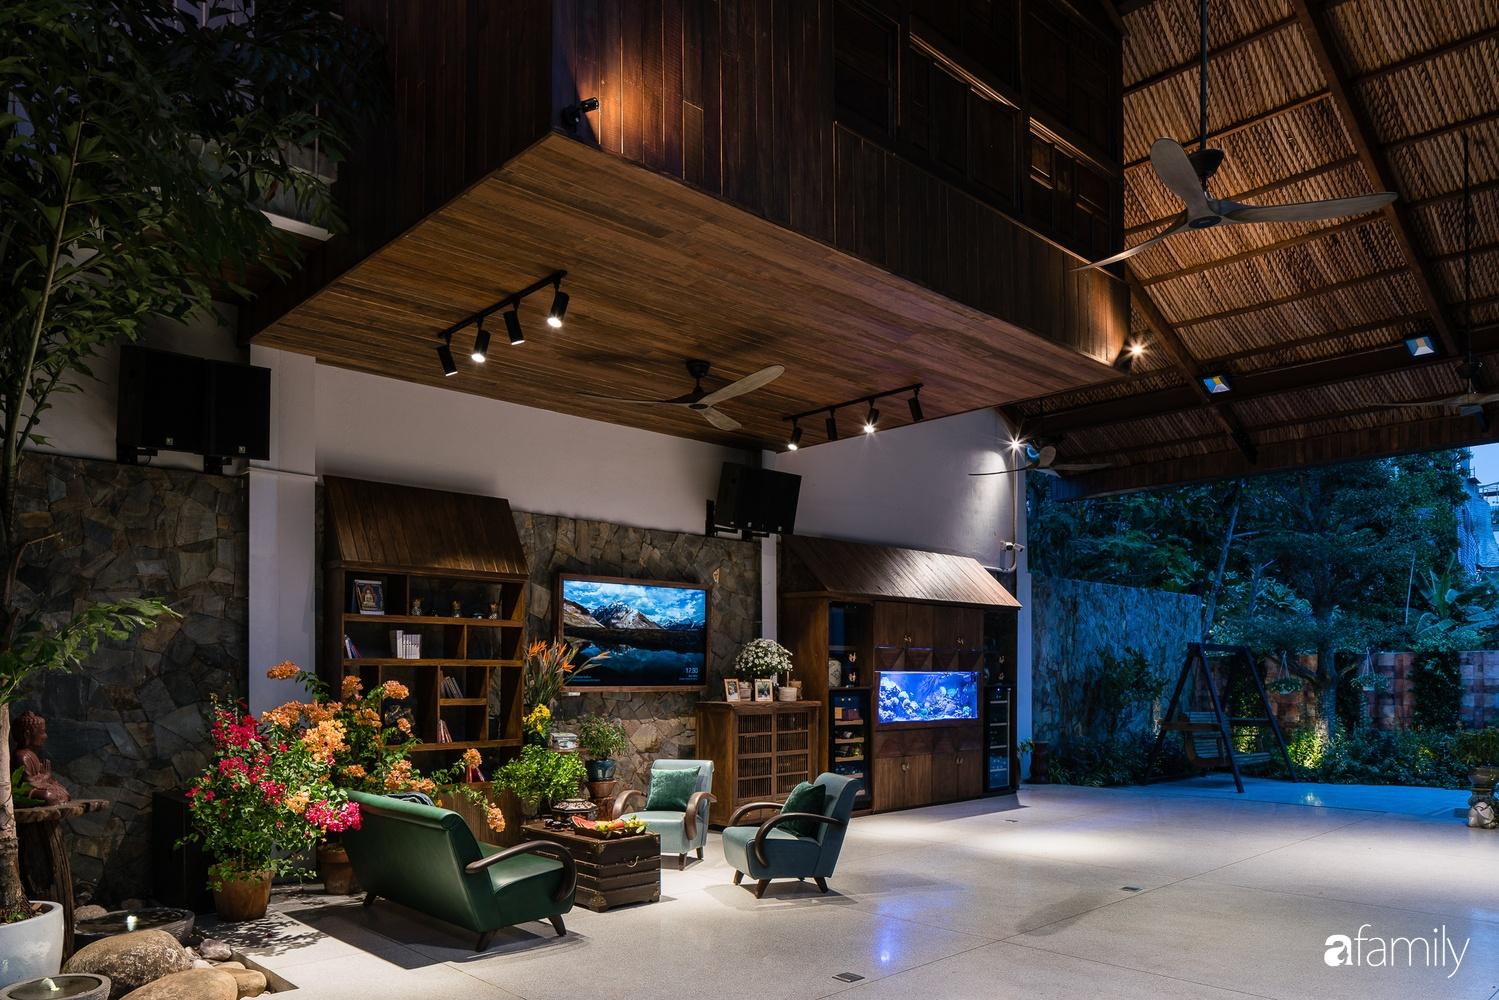 Ngôi nhà gỗ với thiết kế giống tổ chim đẹp như resort nghỉ dưỡng đậm chất thơ trong lòng Sài Gòn - Ảnh 9.